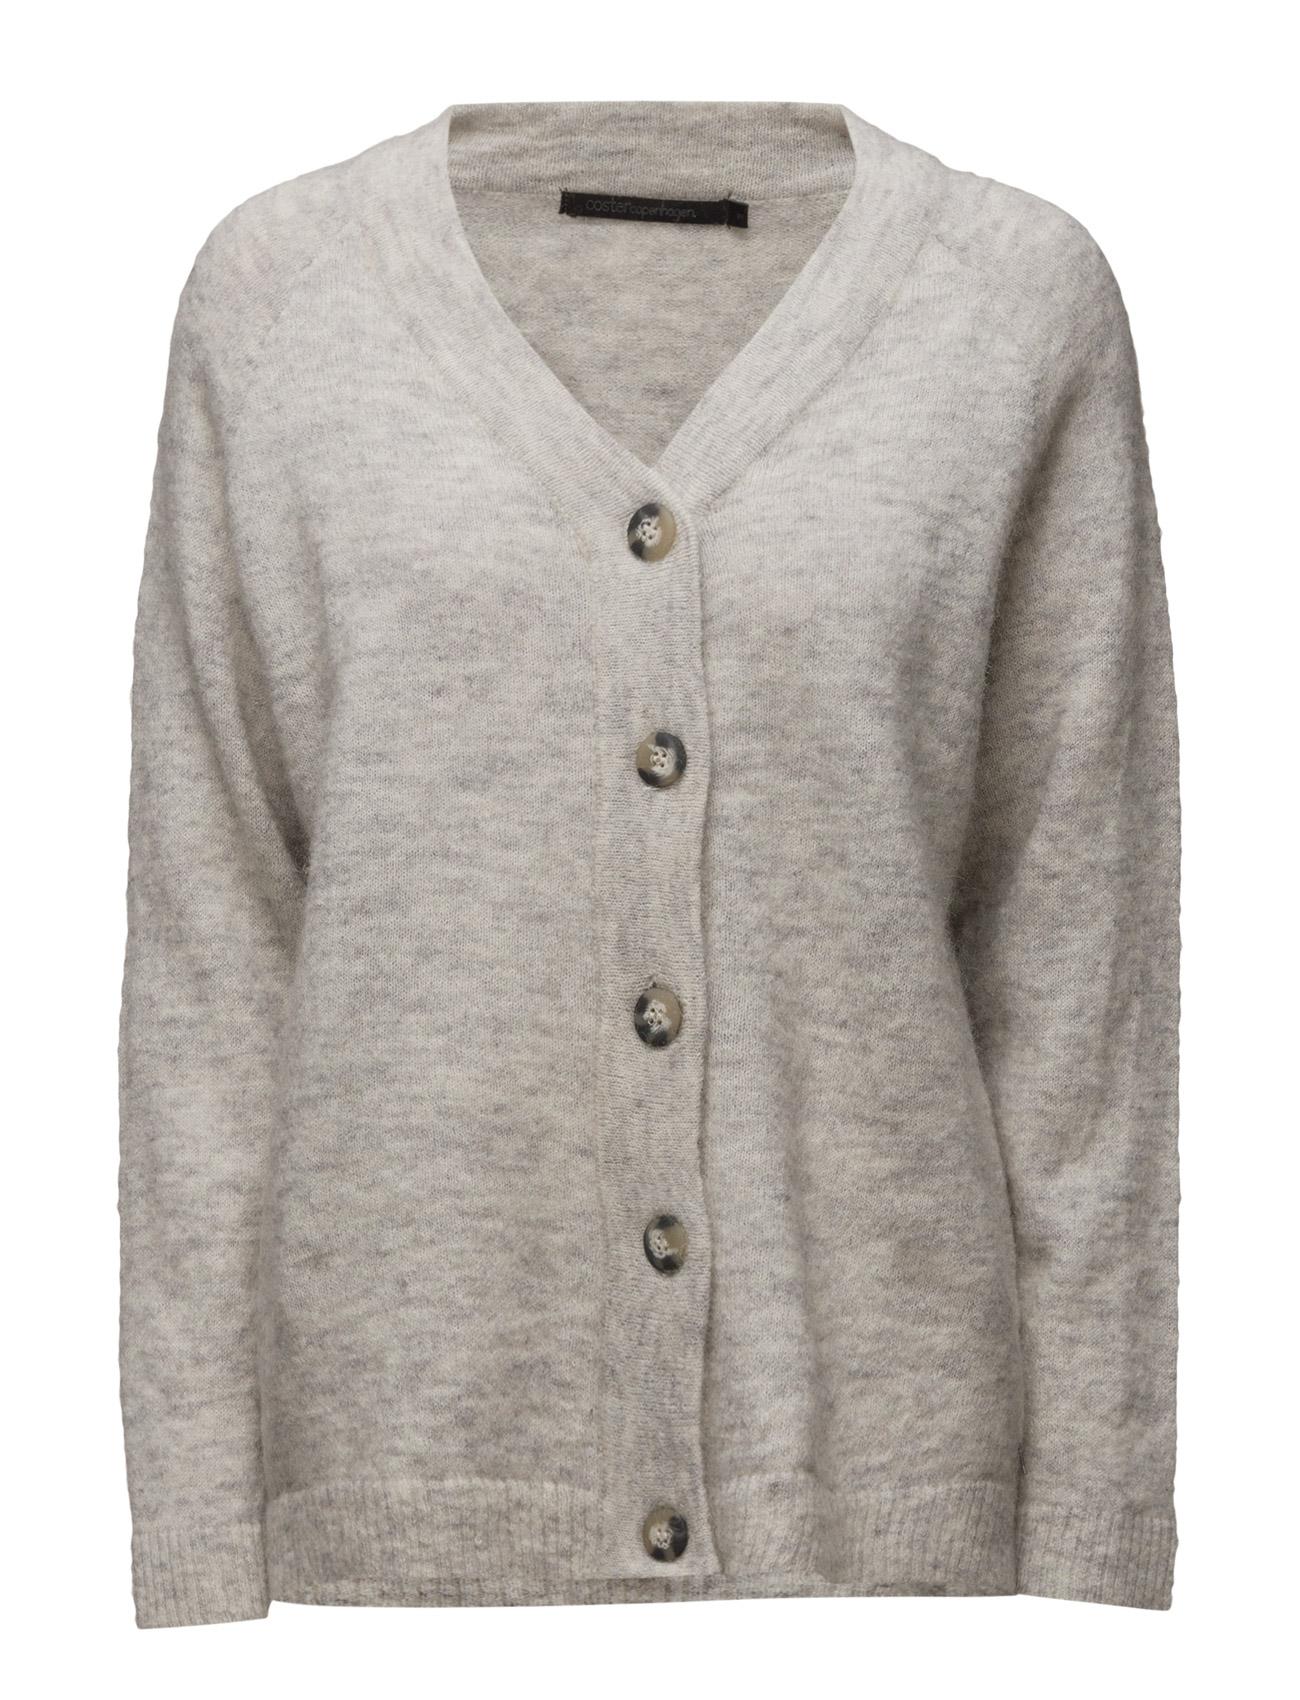 Oversize Knit Cardigan Coster Copenhagen Cardigans til Kvinder i Sne hvid